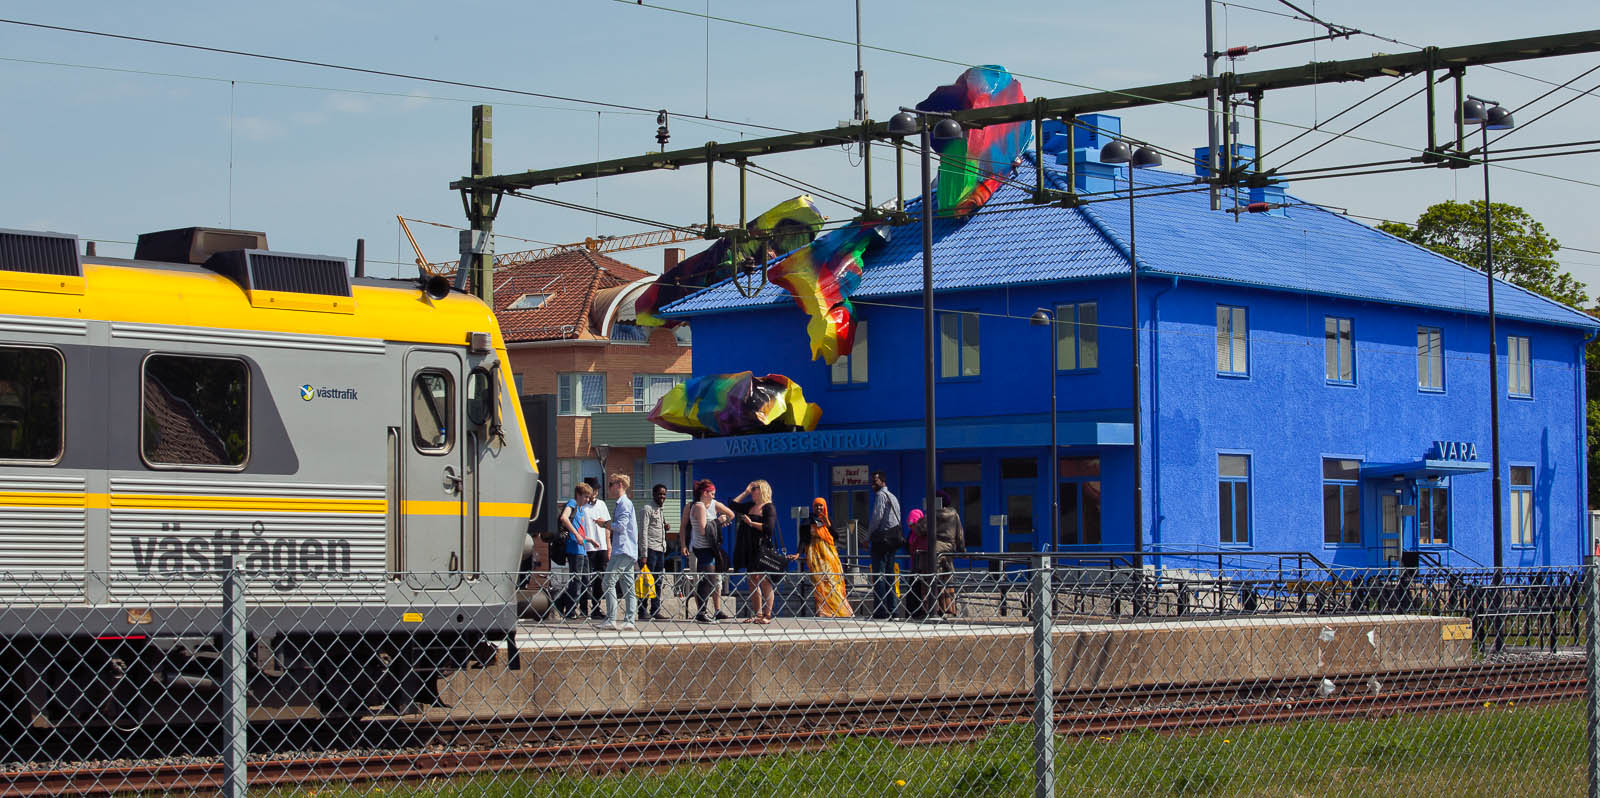 Blåmålade Vara Resecentrum, med färgglada objekt på taket och ett tåg på väg in. Katharina Grosse, Blue Orange, 2012